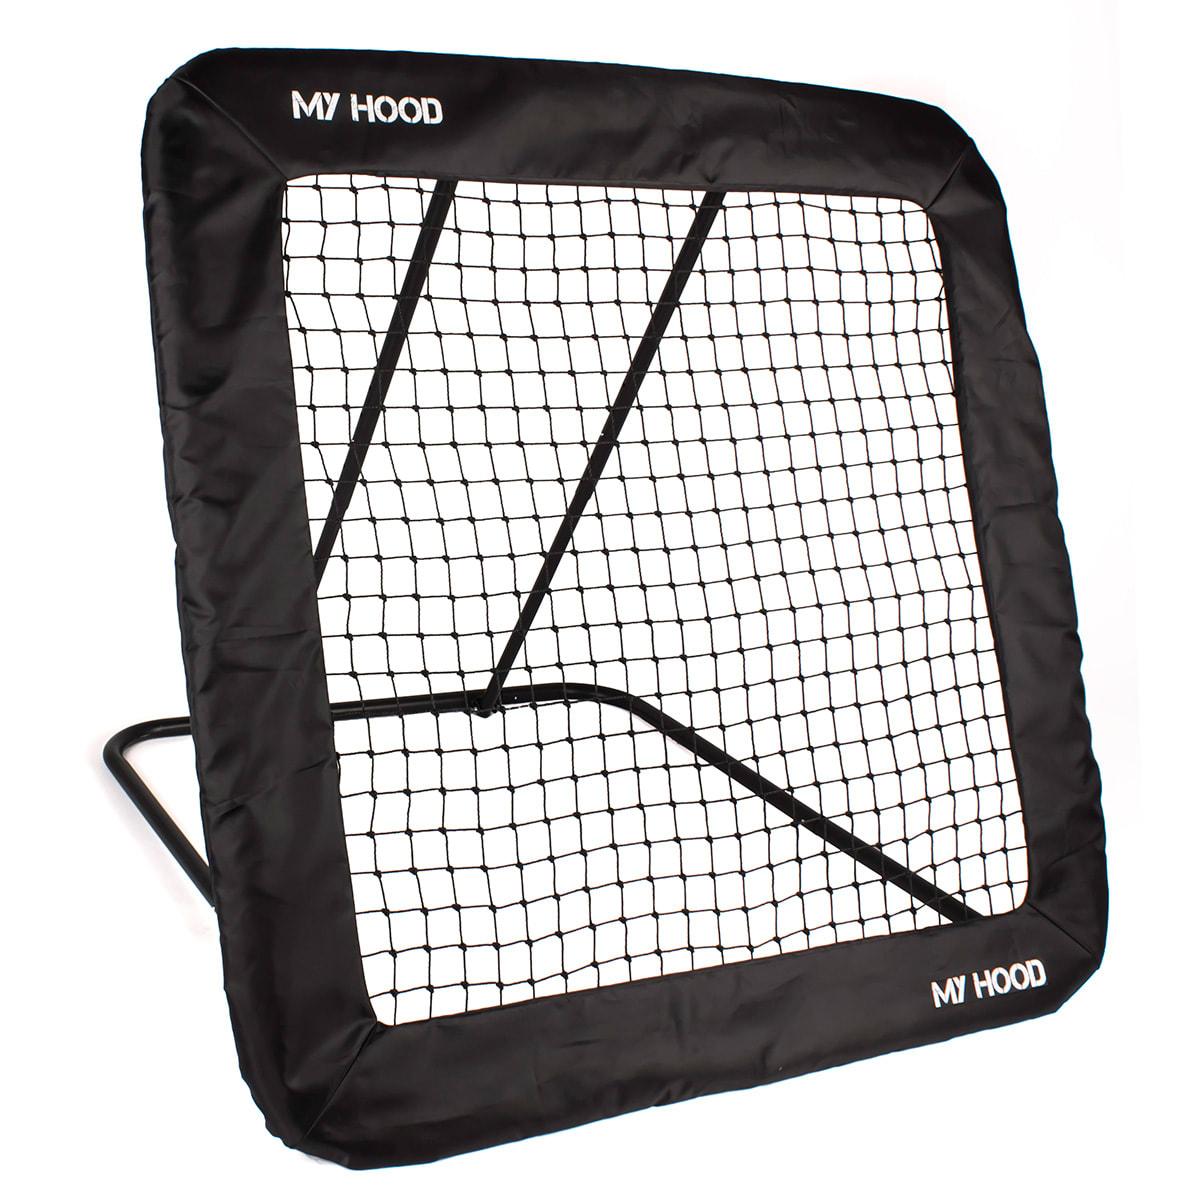 H 130 x D 70 x L 130 cm - Fodboldtræning hjemme i haven